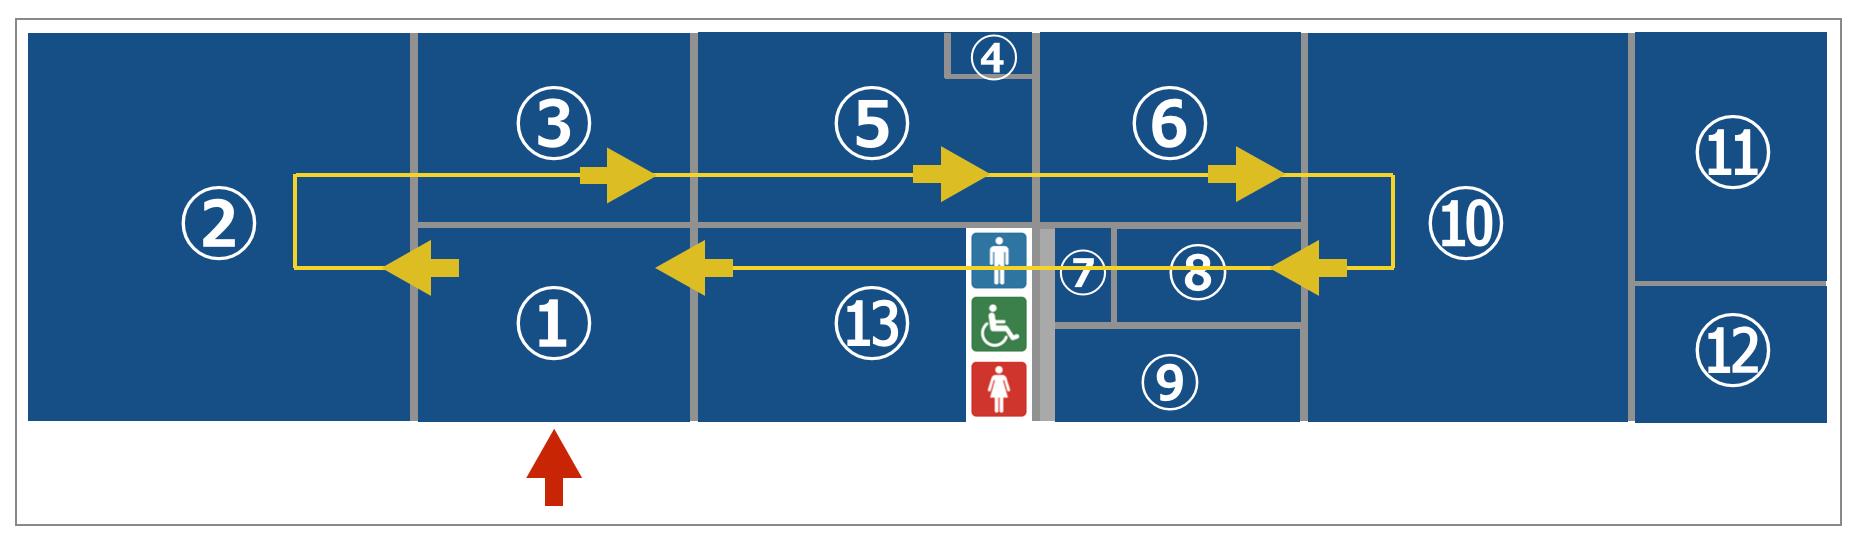 地下鉄博物館の順路イメージ